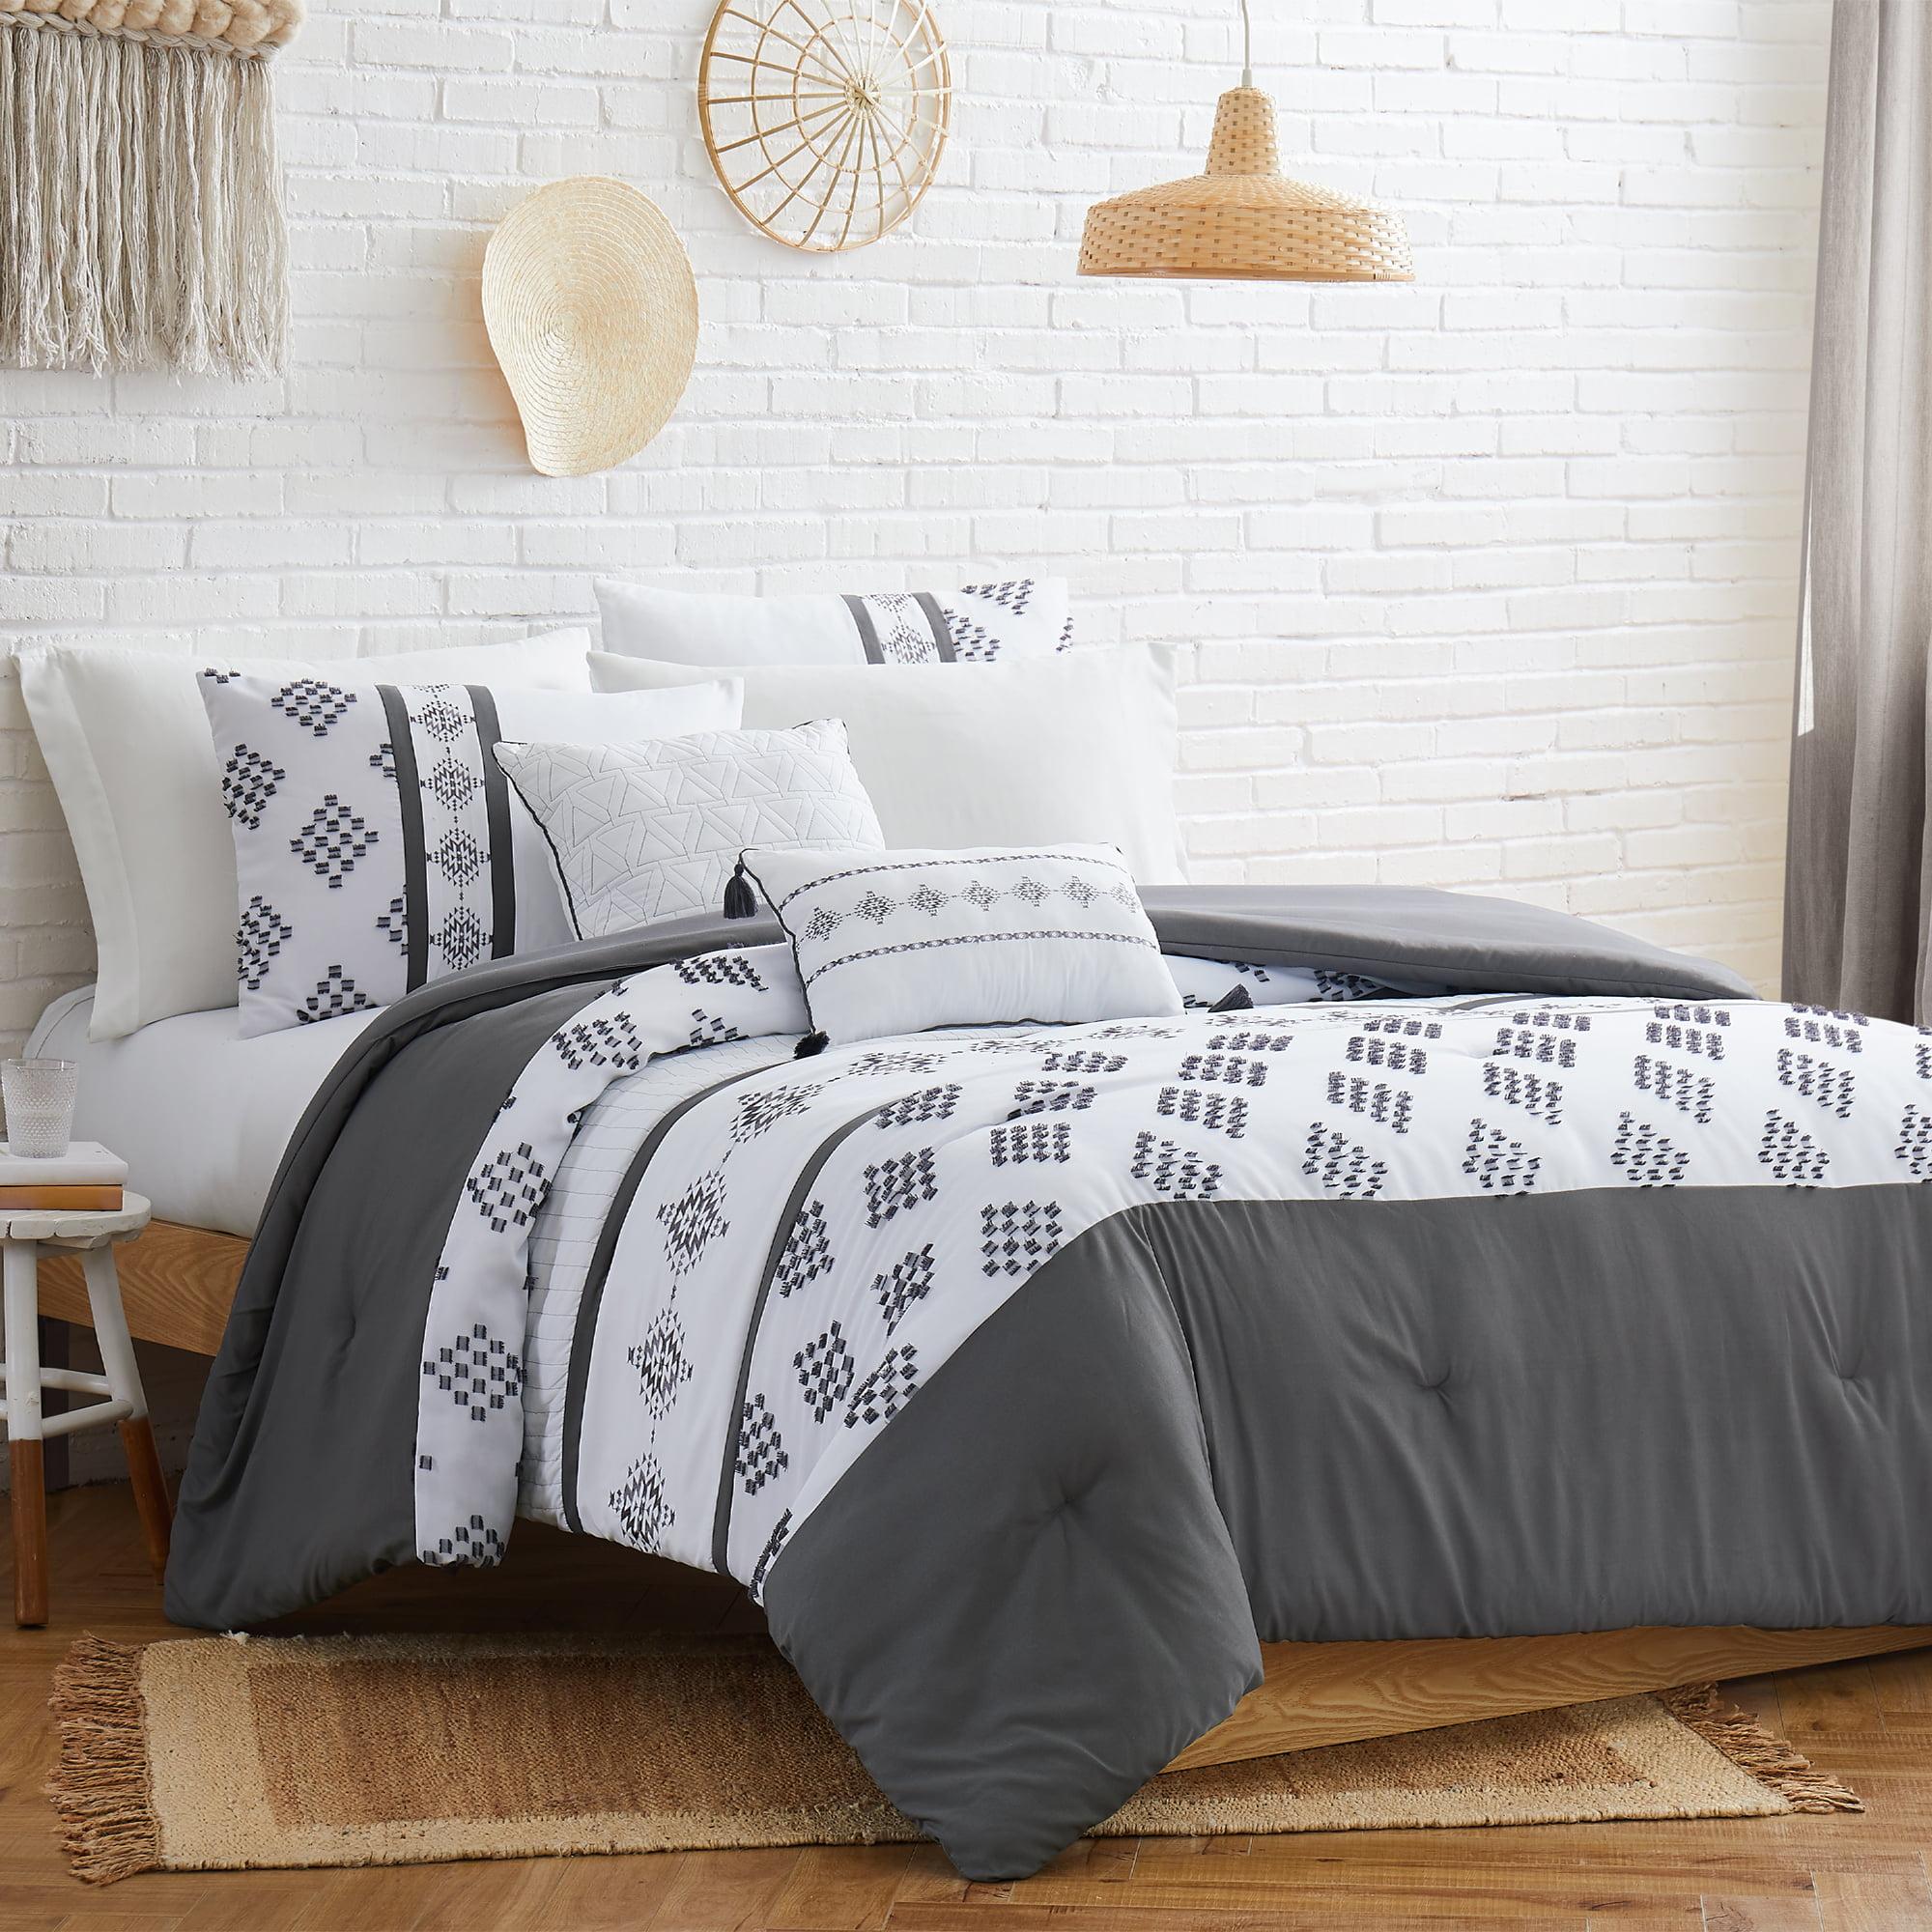 Modern Threads Embroidered 5 Piece Comforter Set Highland Queen Walmart Com Walmart Com